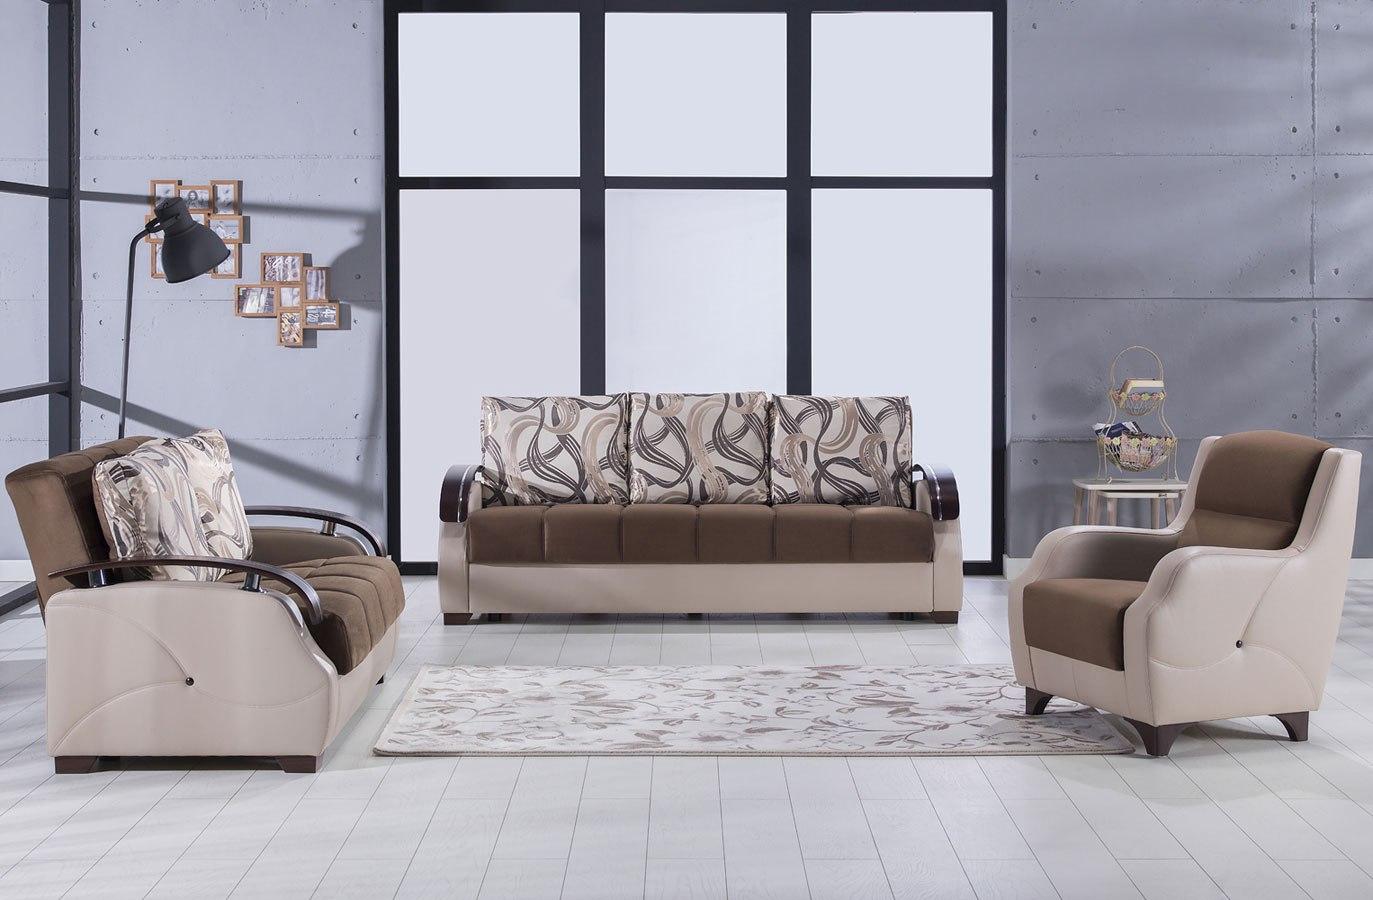 Costa Living Room Set (Best Brown)